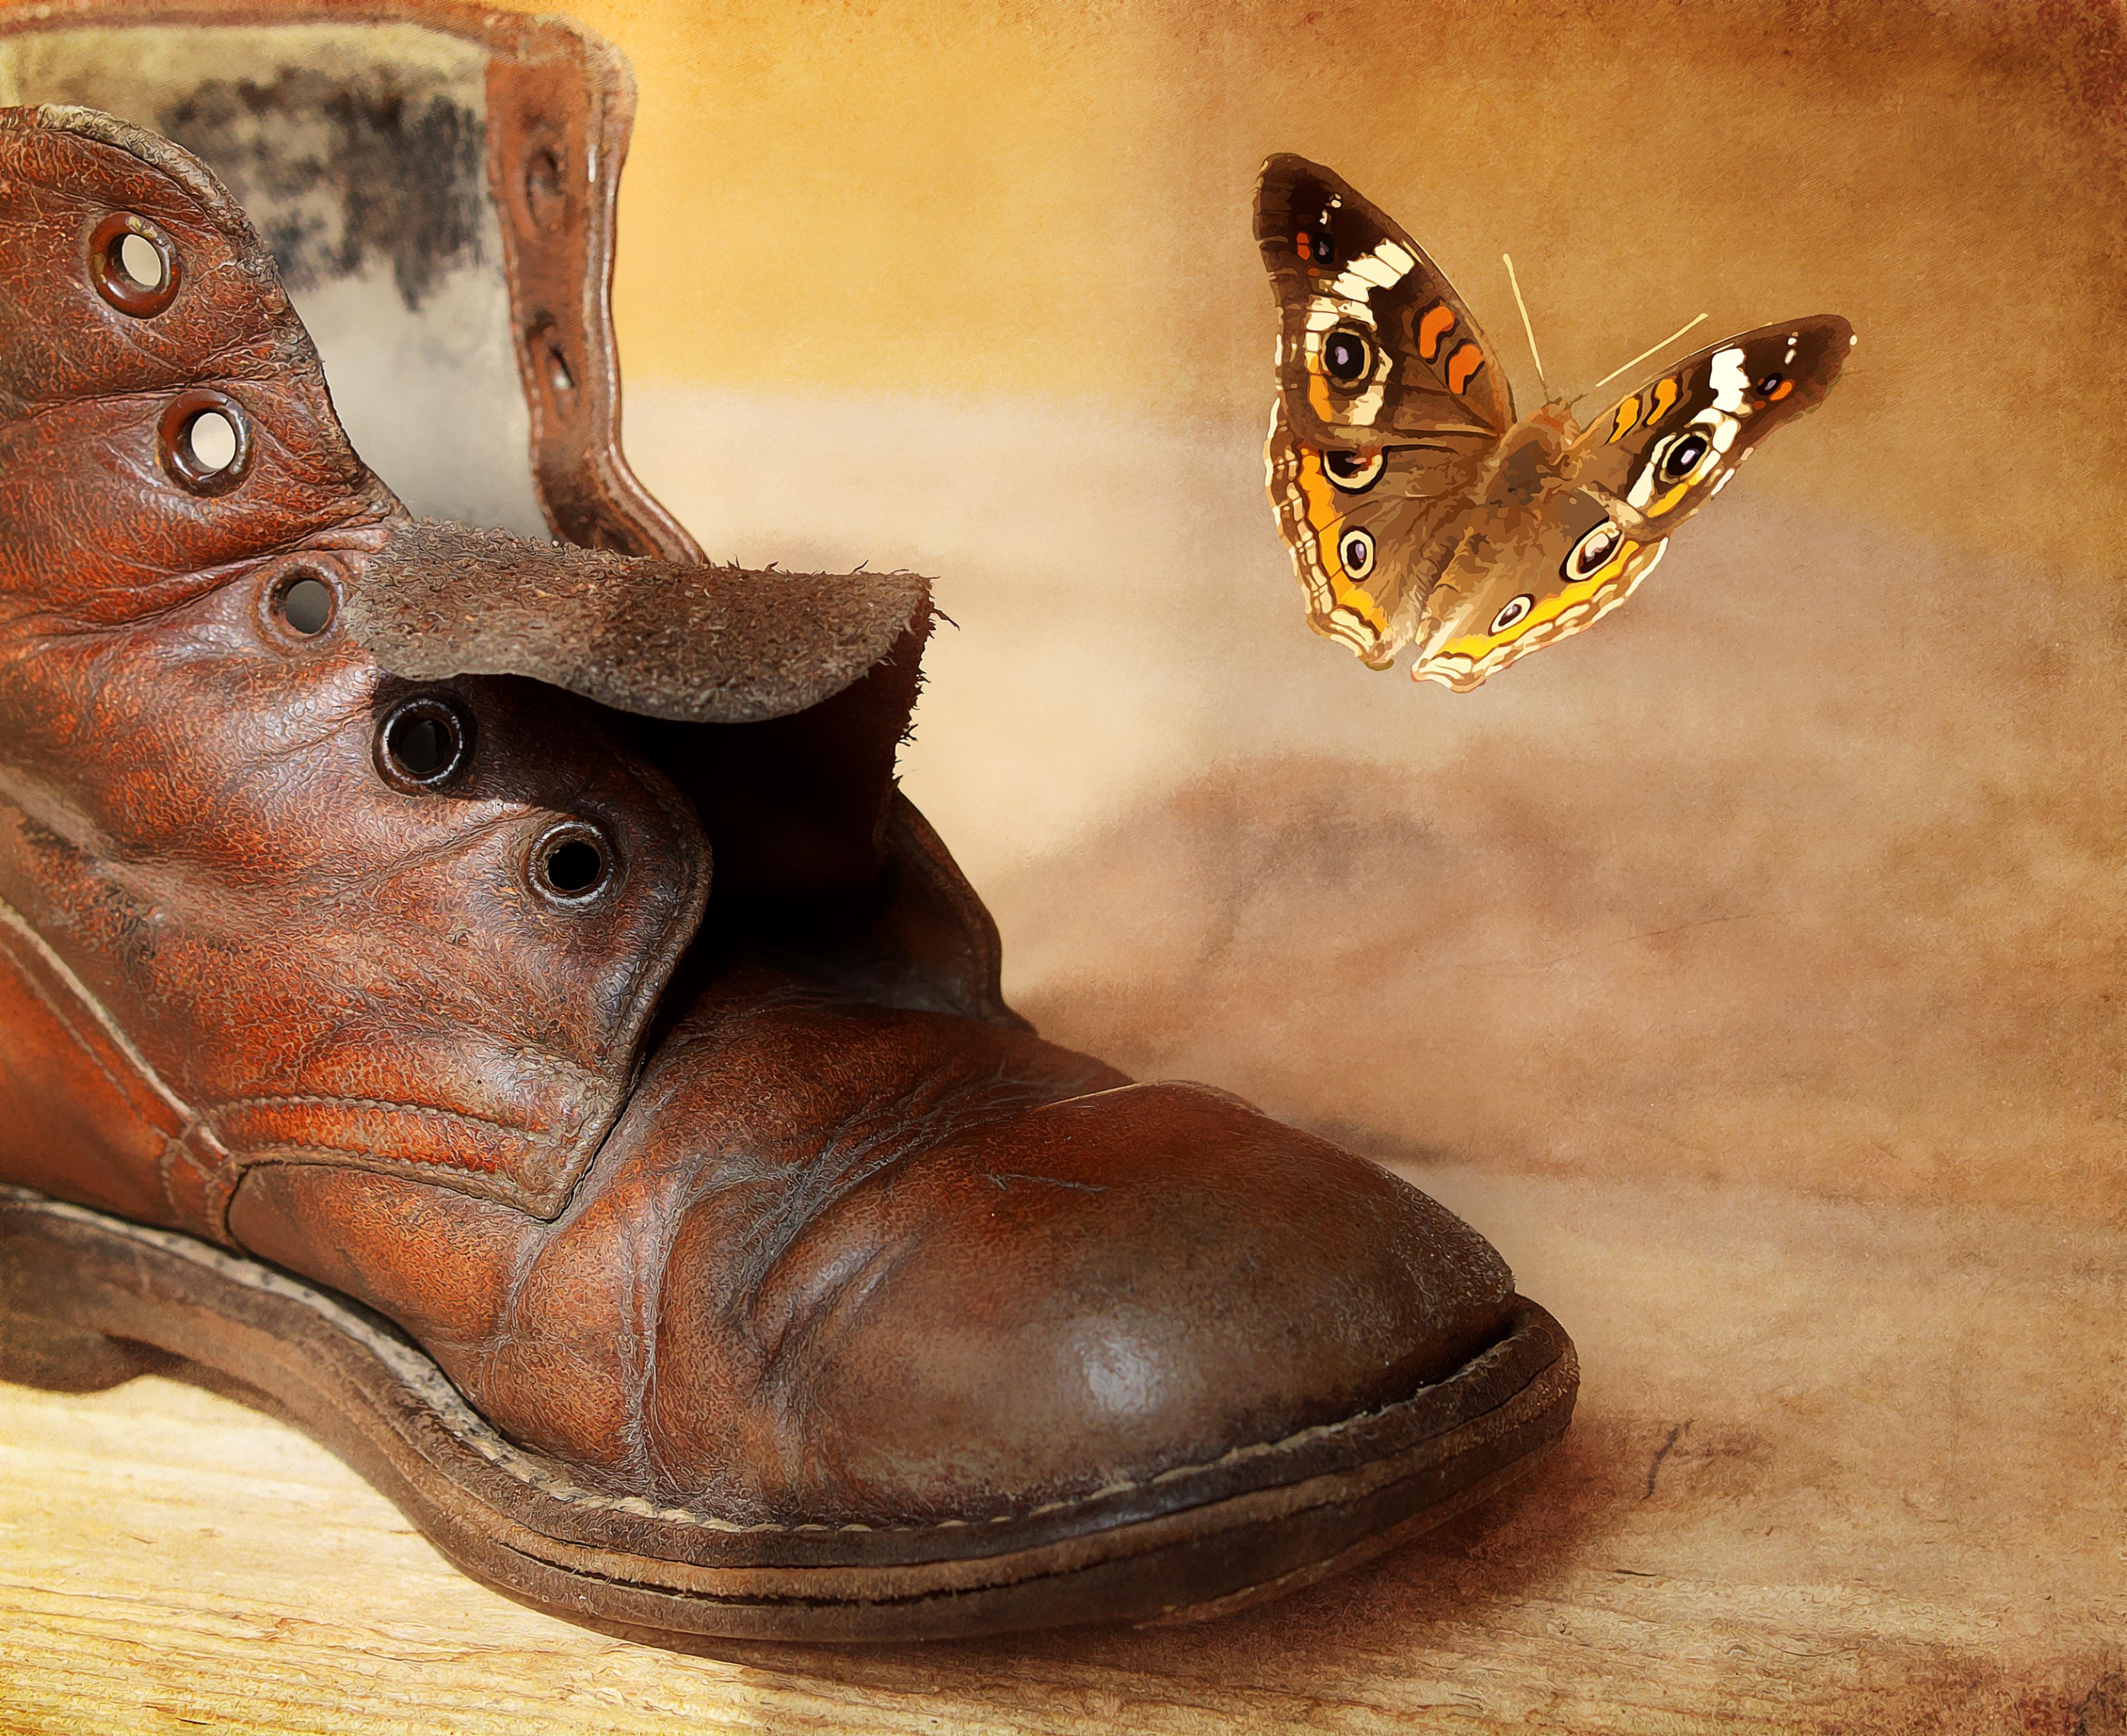 детали картинка старого ботинка крабовым